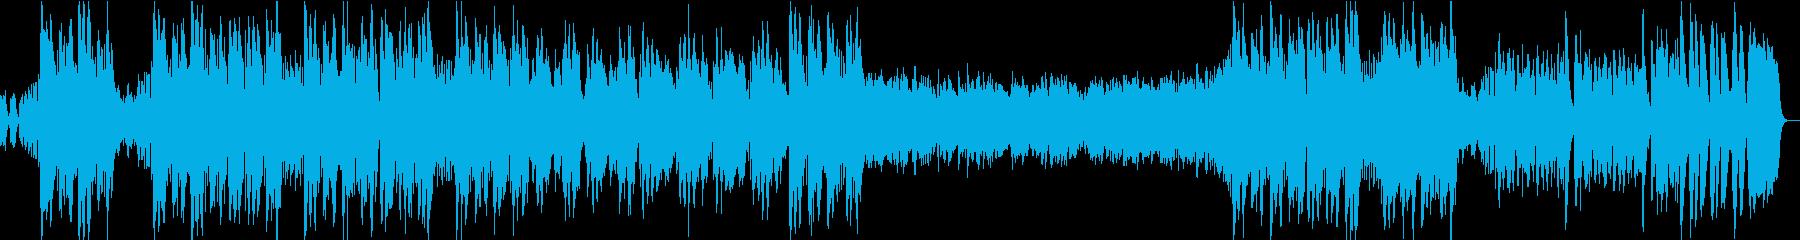 メンデルスゾーンの結婚行進曲・全曲フルの再生済みの波形